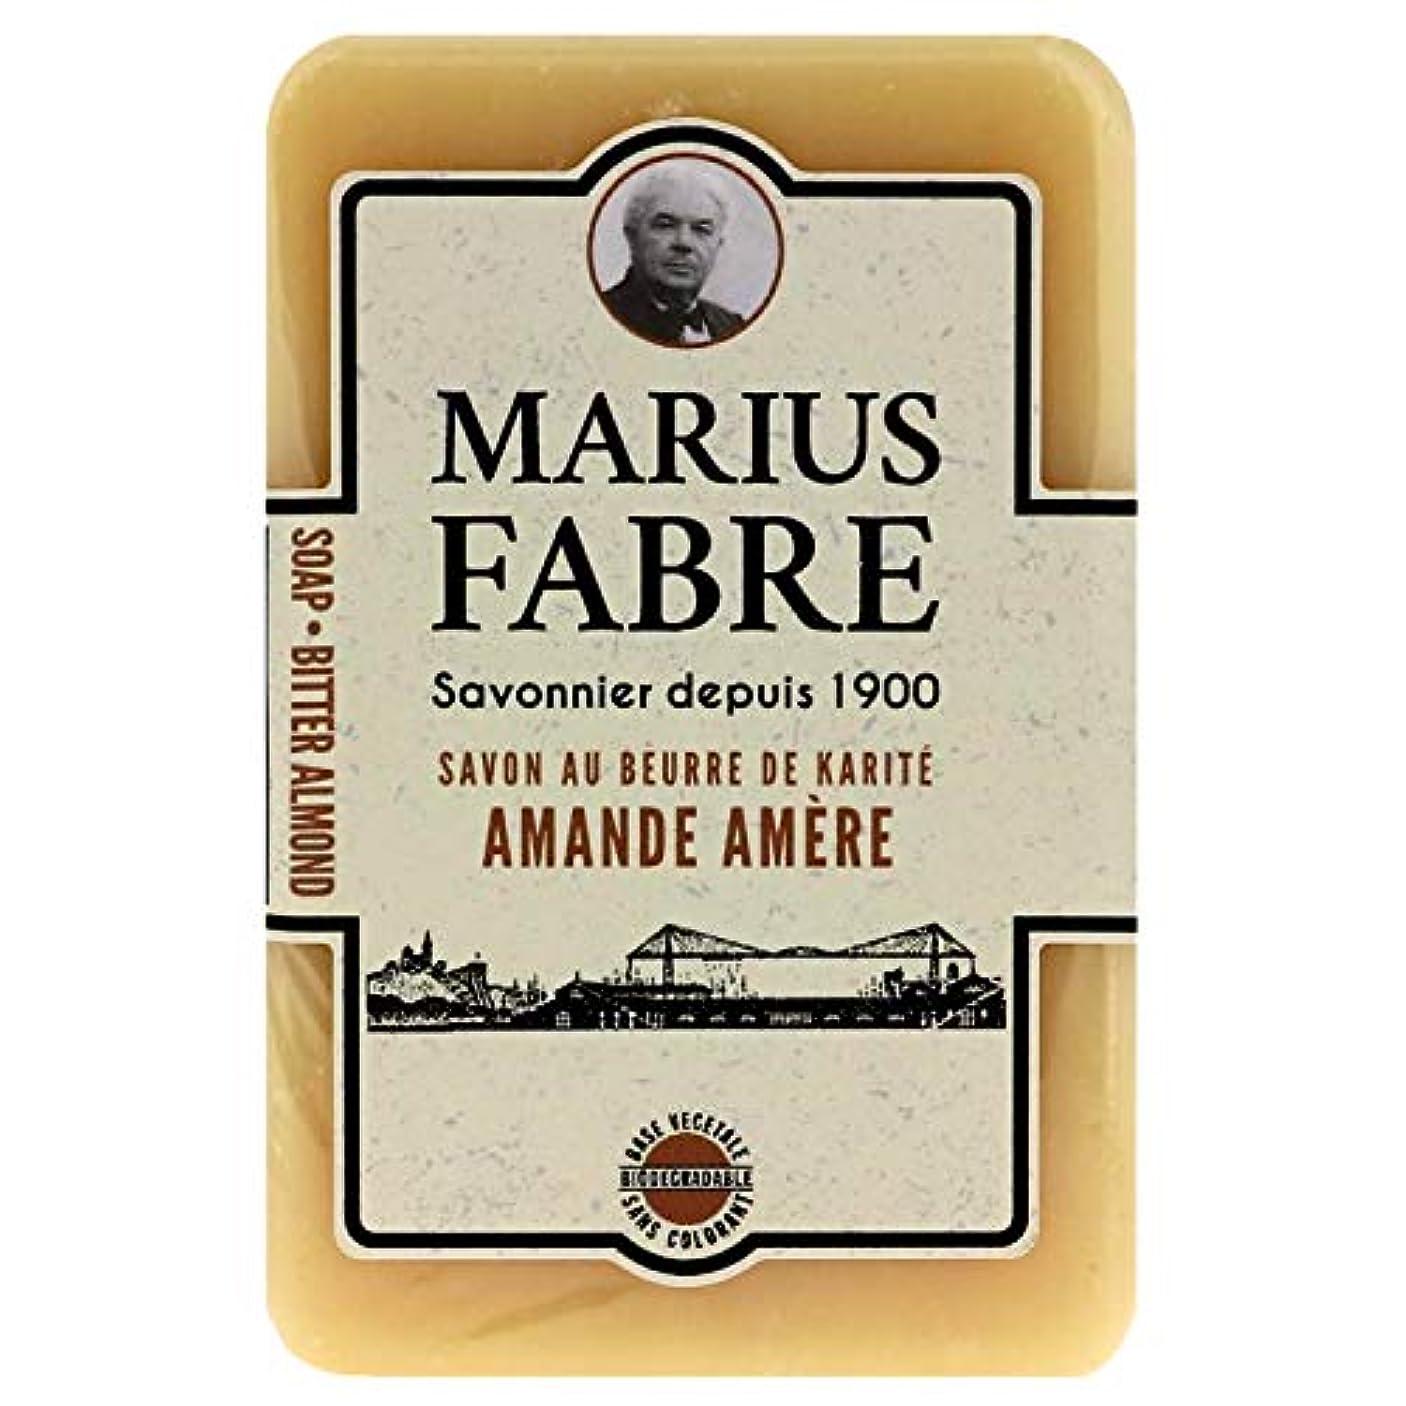 再びハムどういたしましてサボンドマルセイユ 1900 ビターアーモンド 250g